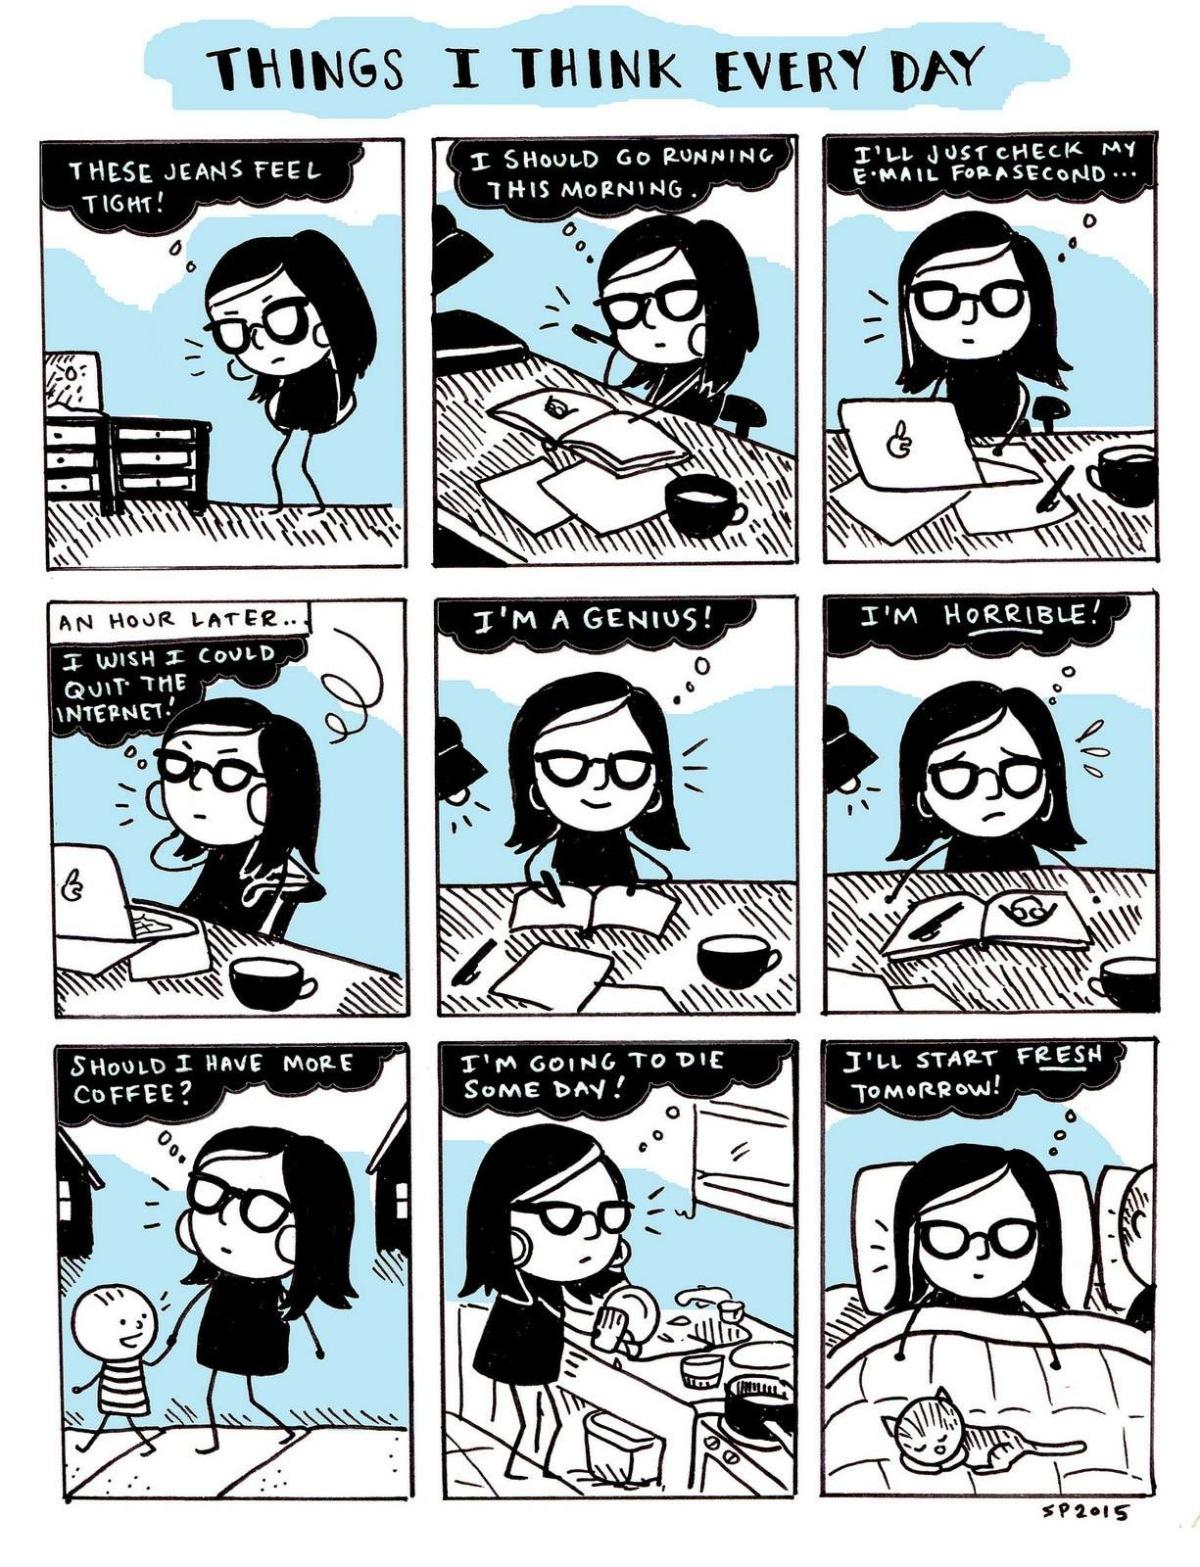 Confessions of a RandomBlogger